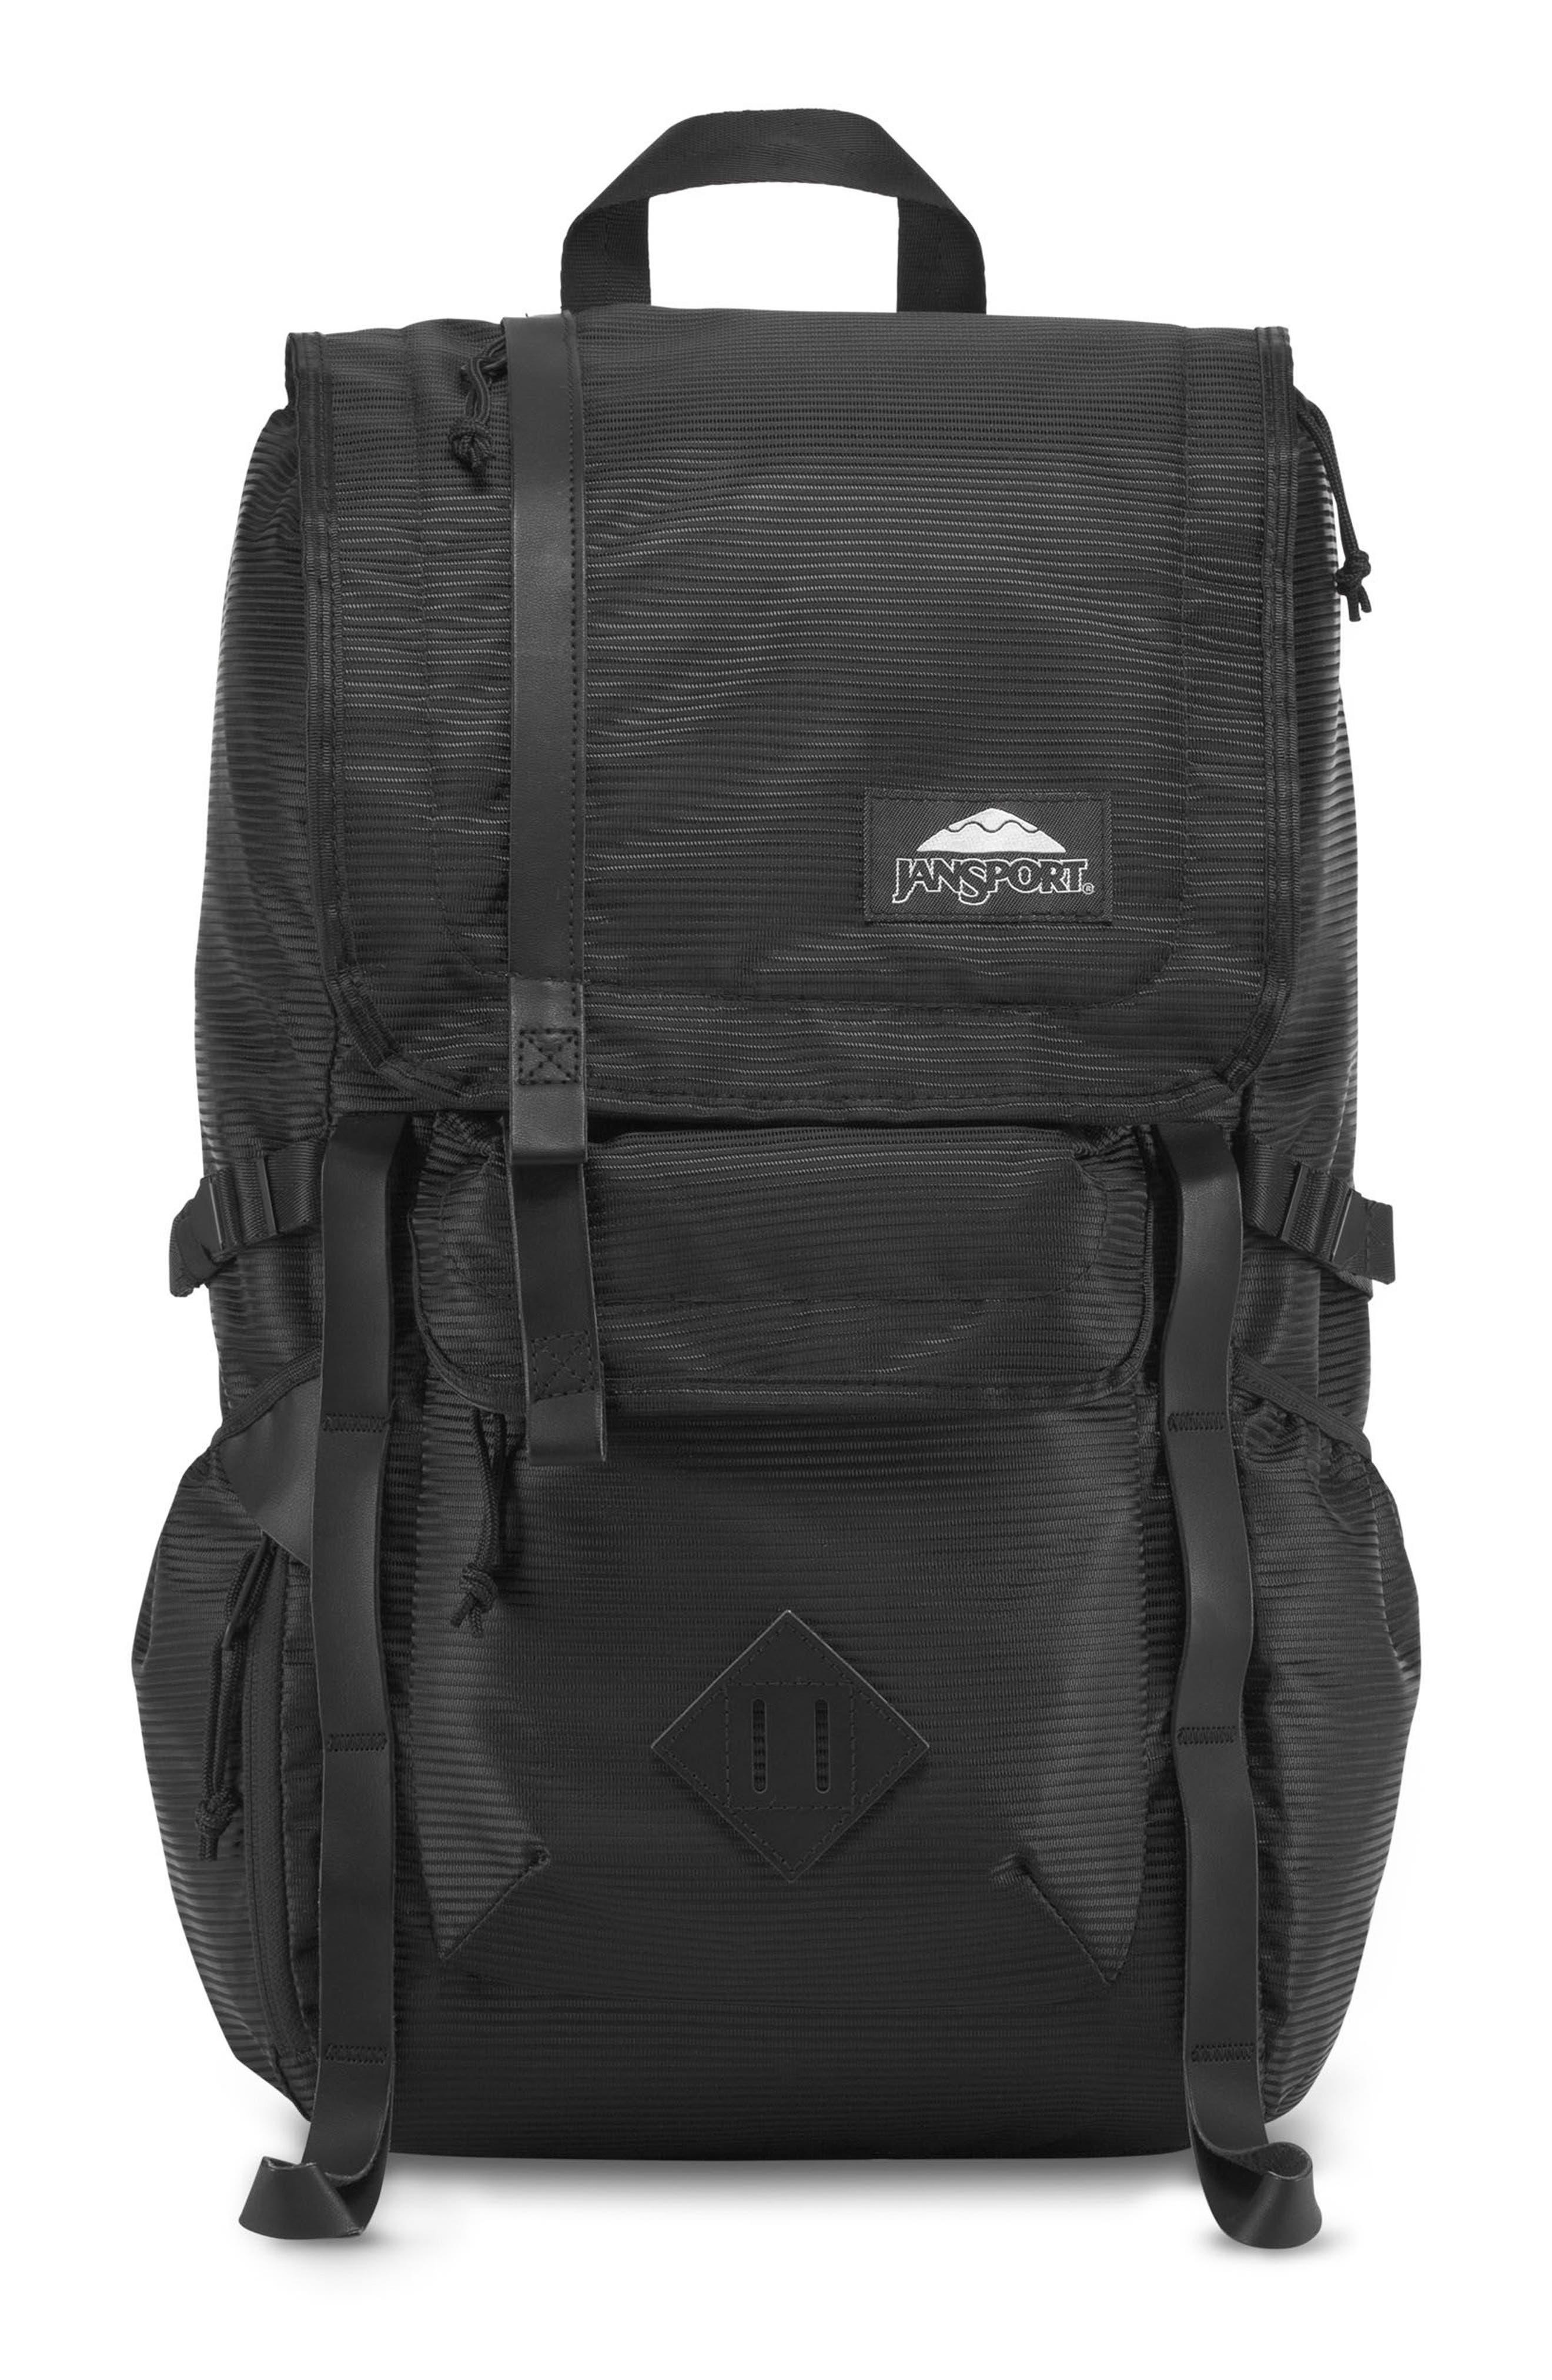 Jansport Hatchet DL Backpack